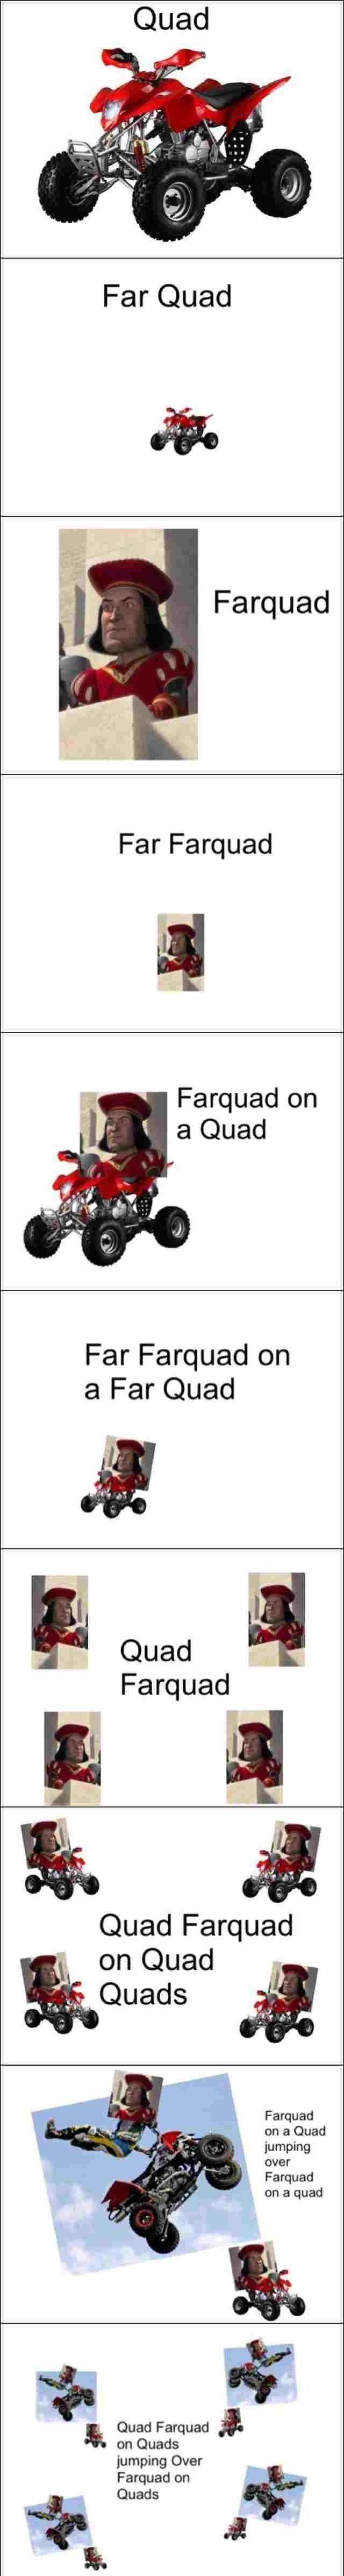 The furthest quad. chek urself b5 u shrek urself. Far Quad Farquad Far Farquad ittl Farquad on a Quad Far Farquad on a Far Quad Quad Farquad Quad Farquad 1 on Q The furthest quad chek urself b5 u shrek Far Quad Farquad ittl on a 1 Q